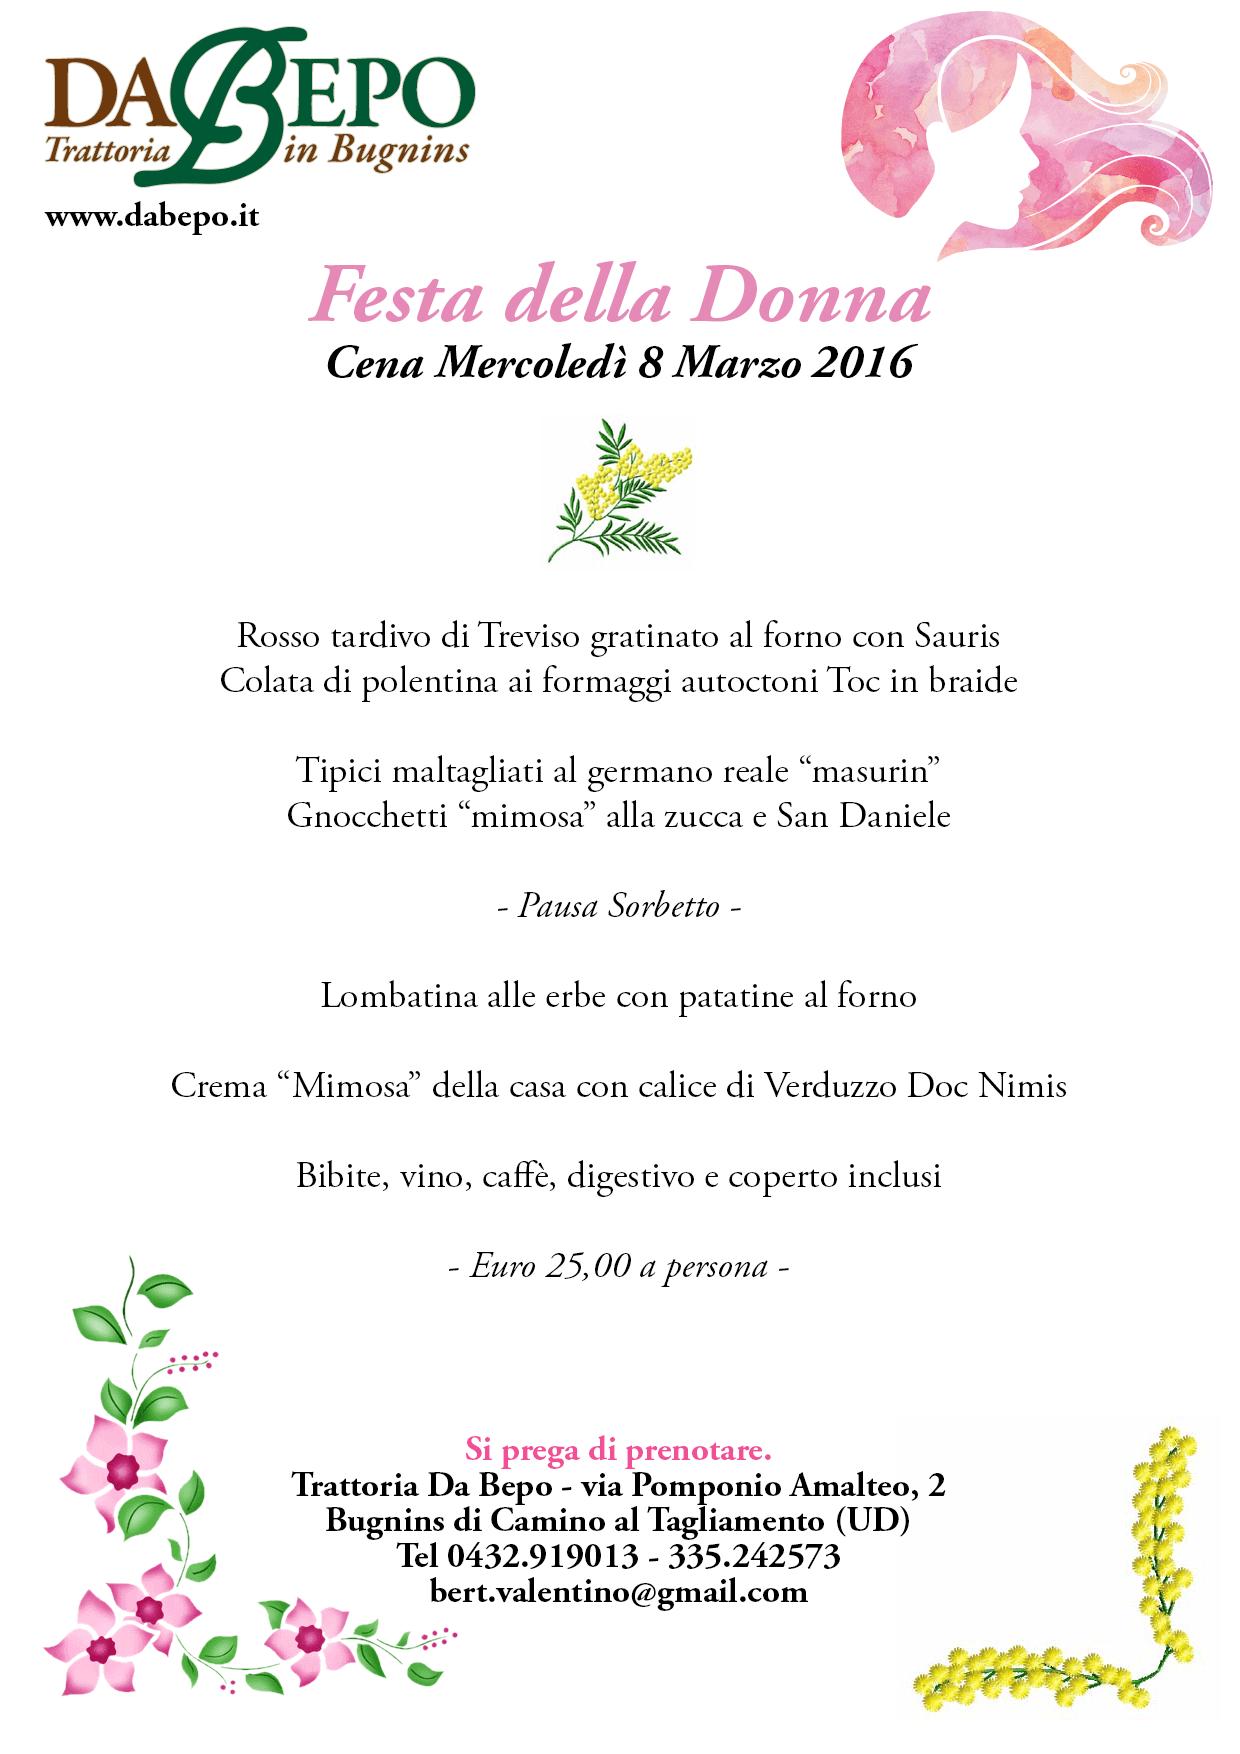 festa donna da bepo 2017 08.03.2017   Da bepo   Festa della donna